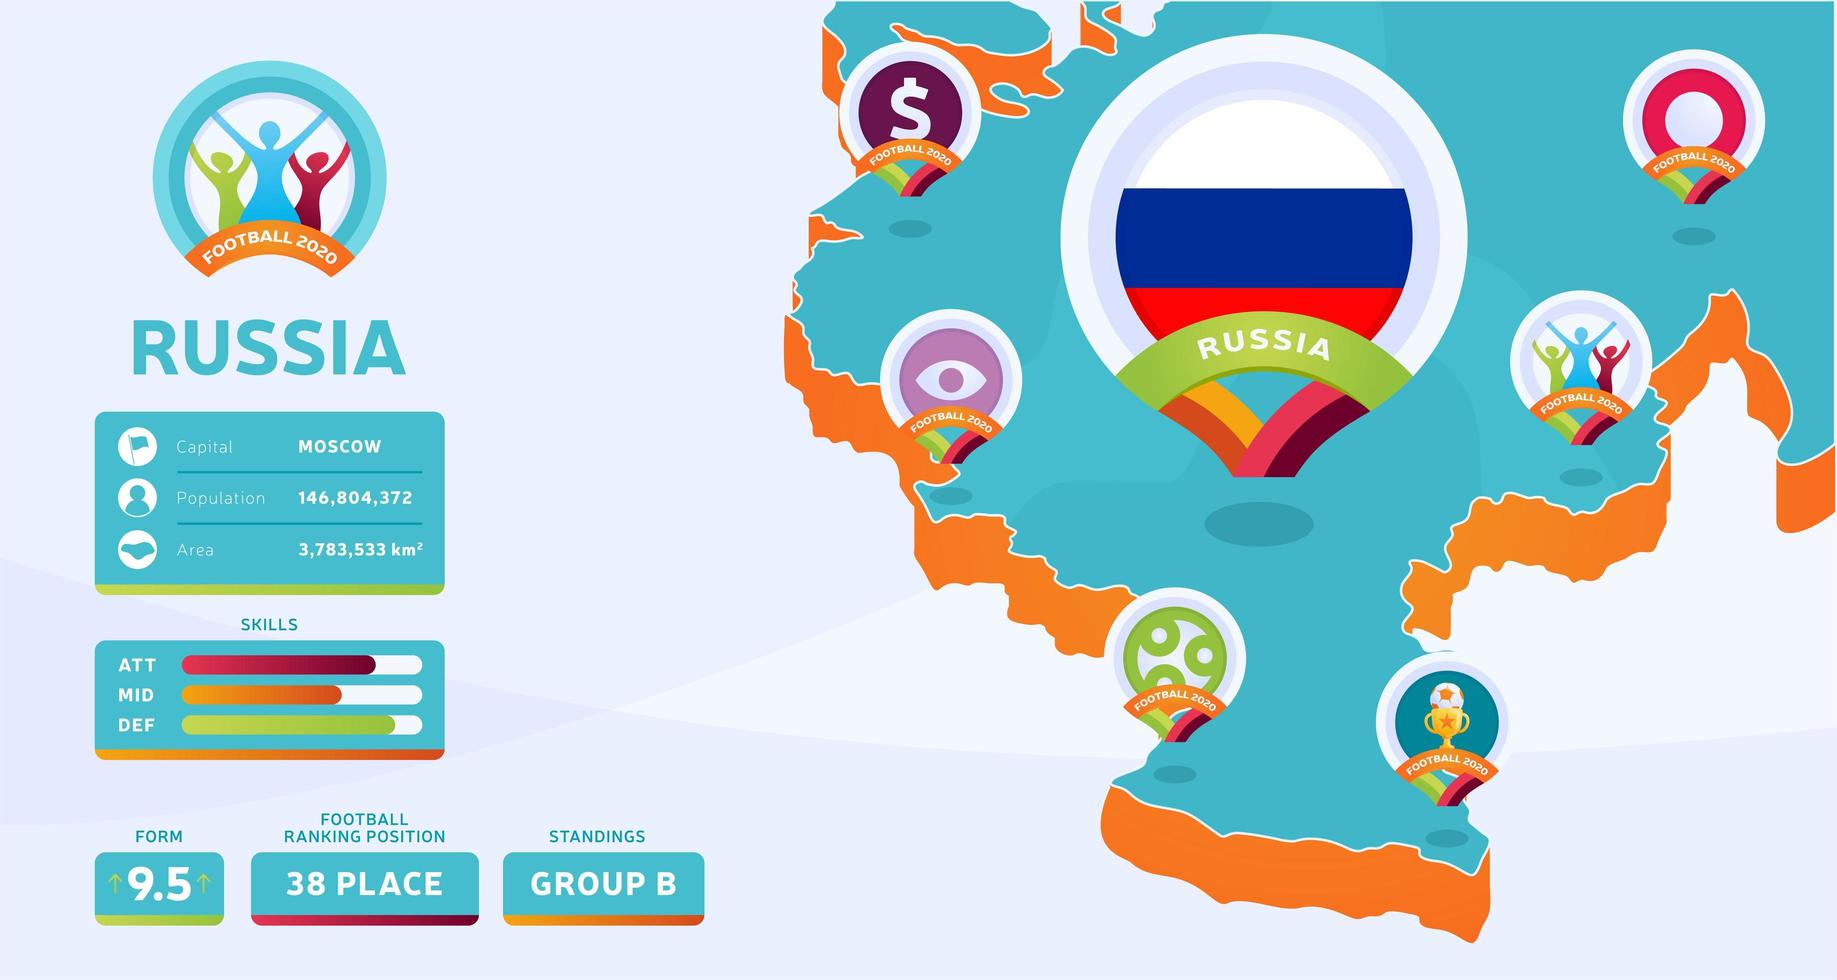 mapa isométrico de ilustração vetorial de país da Federação da Rússia. infográfico da fase final do torneio de futebol 2020 e informações do país. cores e estilo do campeonato oficial vetor